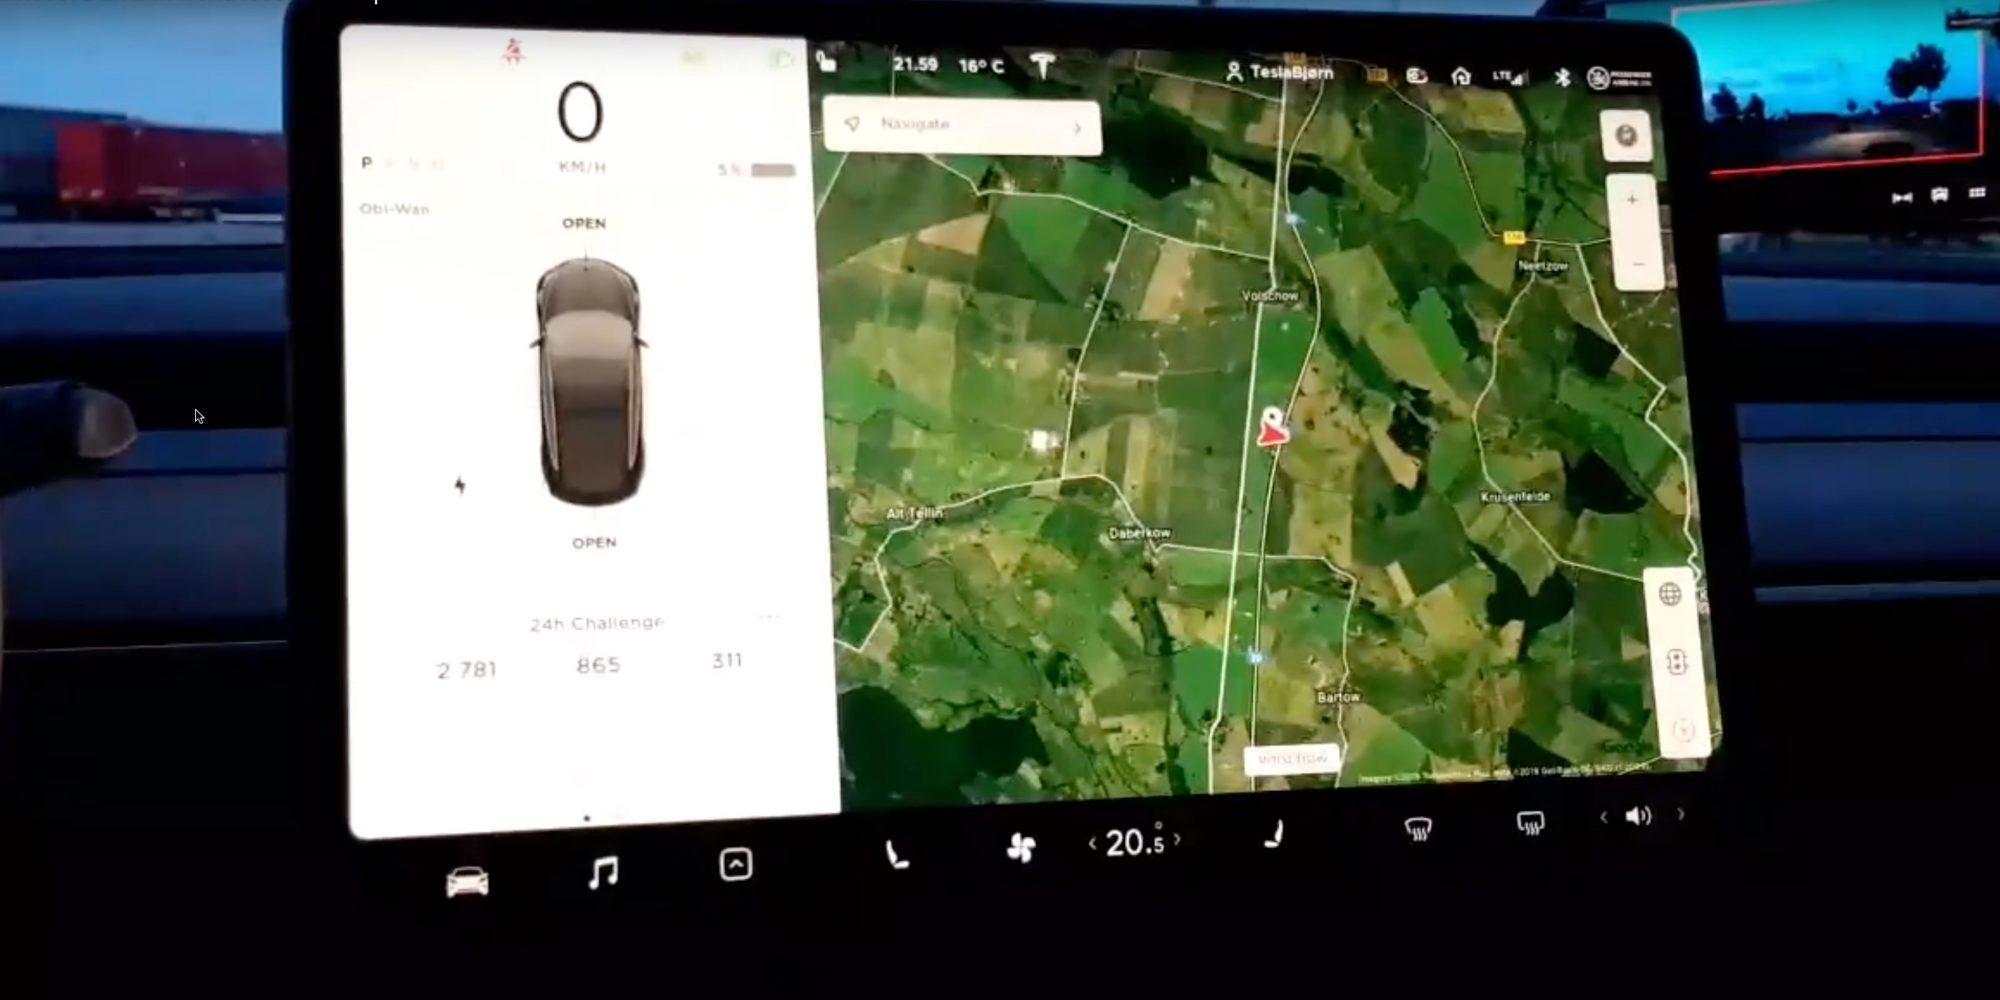 За 24 часа владелец Tesla Model 3 проехал путь длиной 2781 км - 1